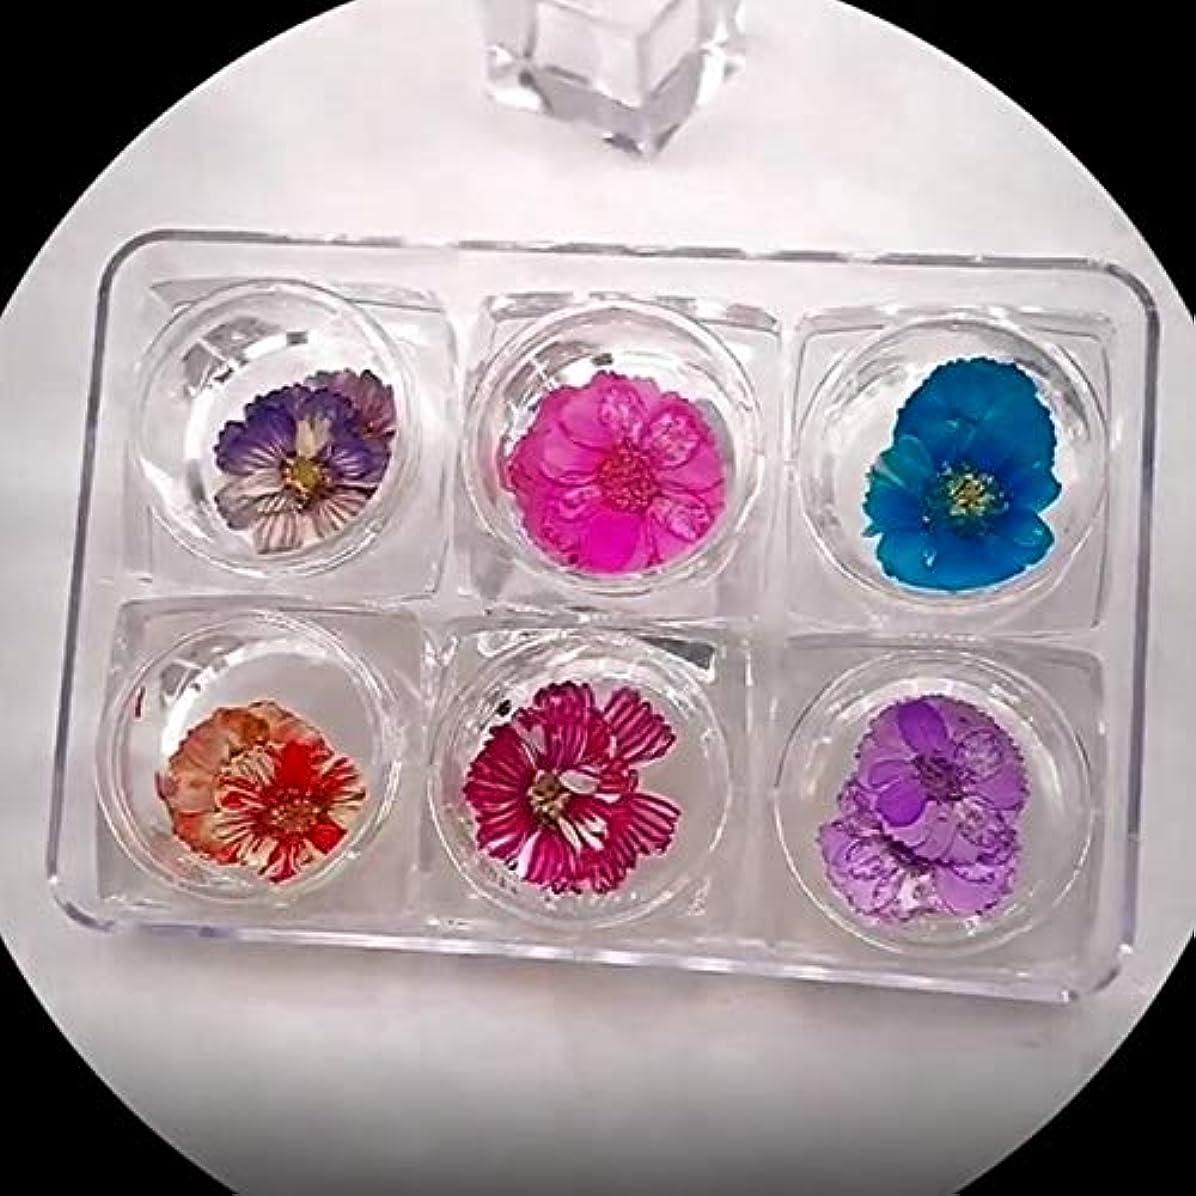 変な尊厳きらめきQuzama-JS 独創的な新しい6色ネイルアートアップリケジュエリーセット日本語乾燥花花びら永遠の花の結晶装飾(None Picture Color)